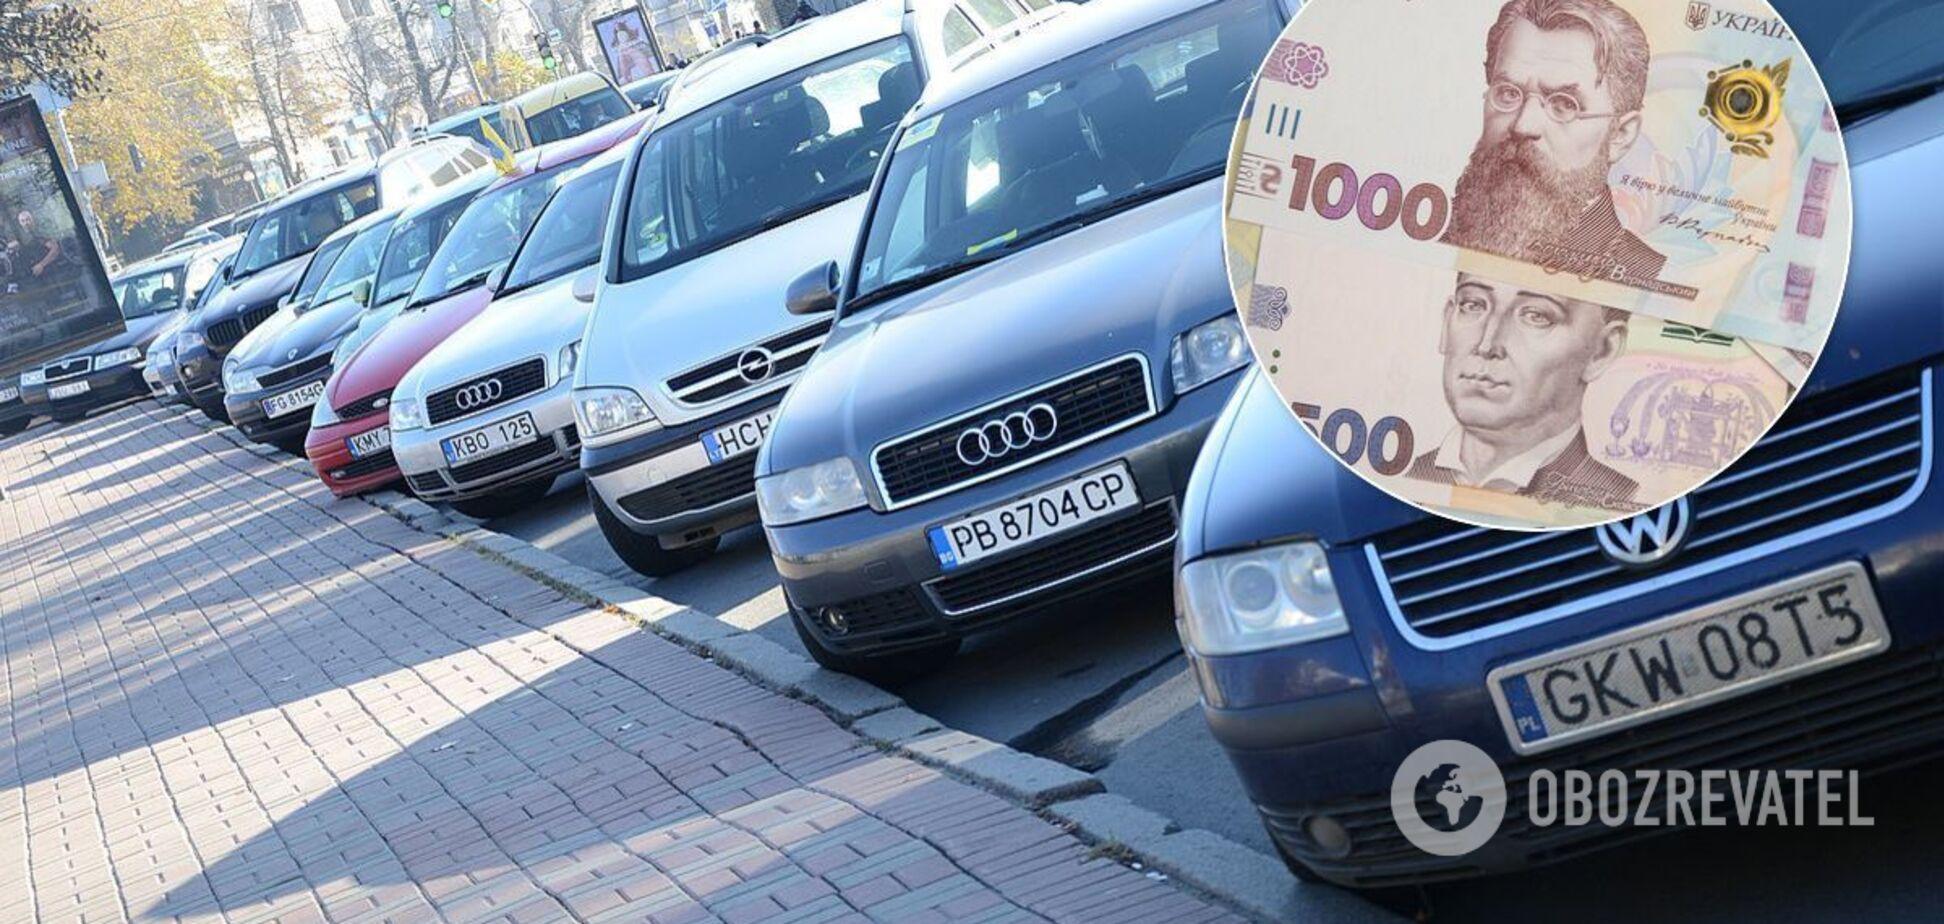 Штраф 170 000 грн за нерастаможенное авто: в каком случае можно не платить